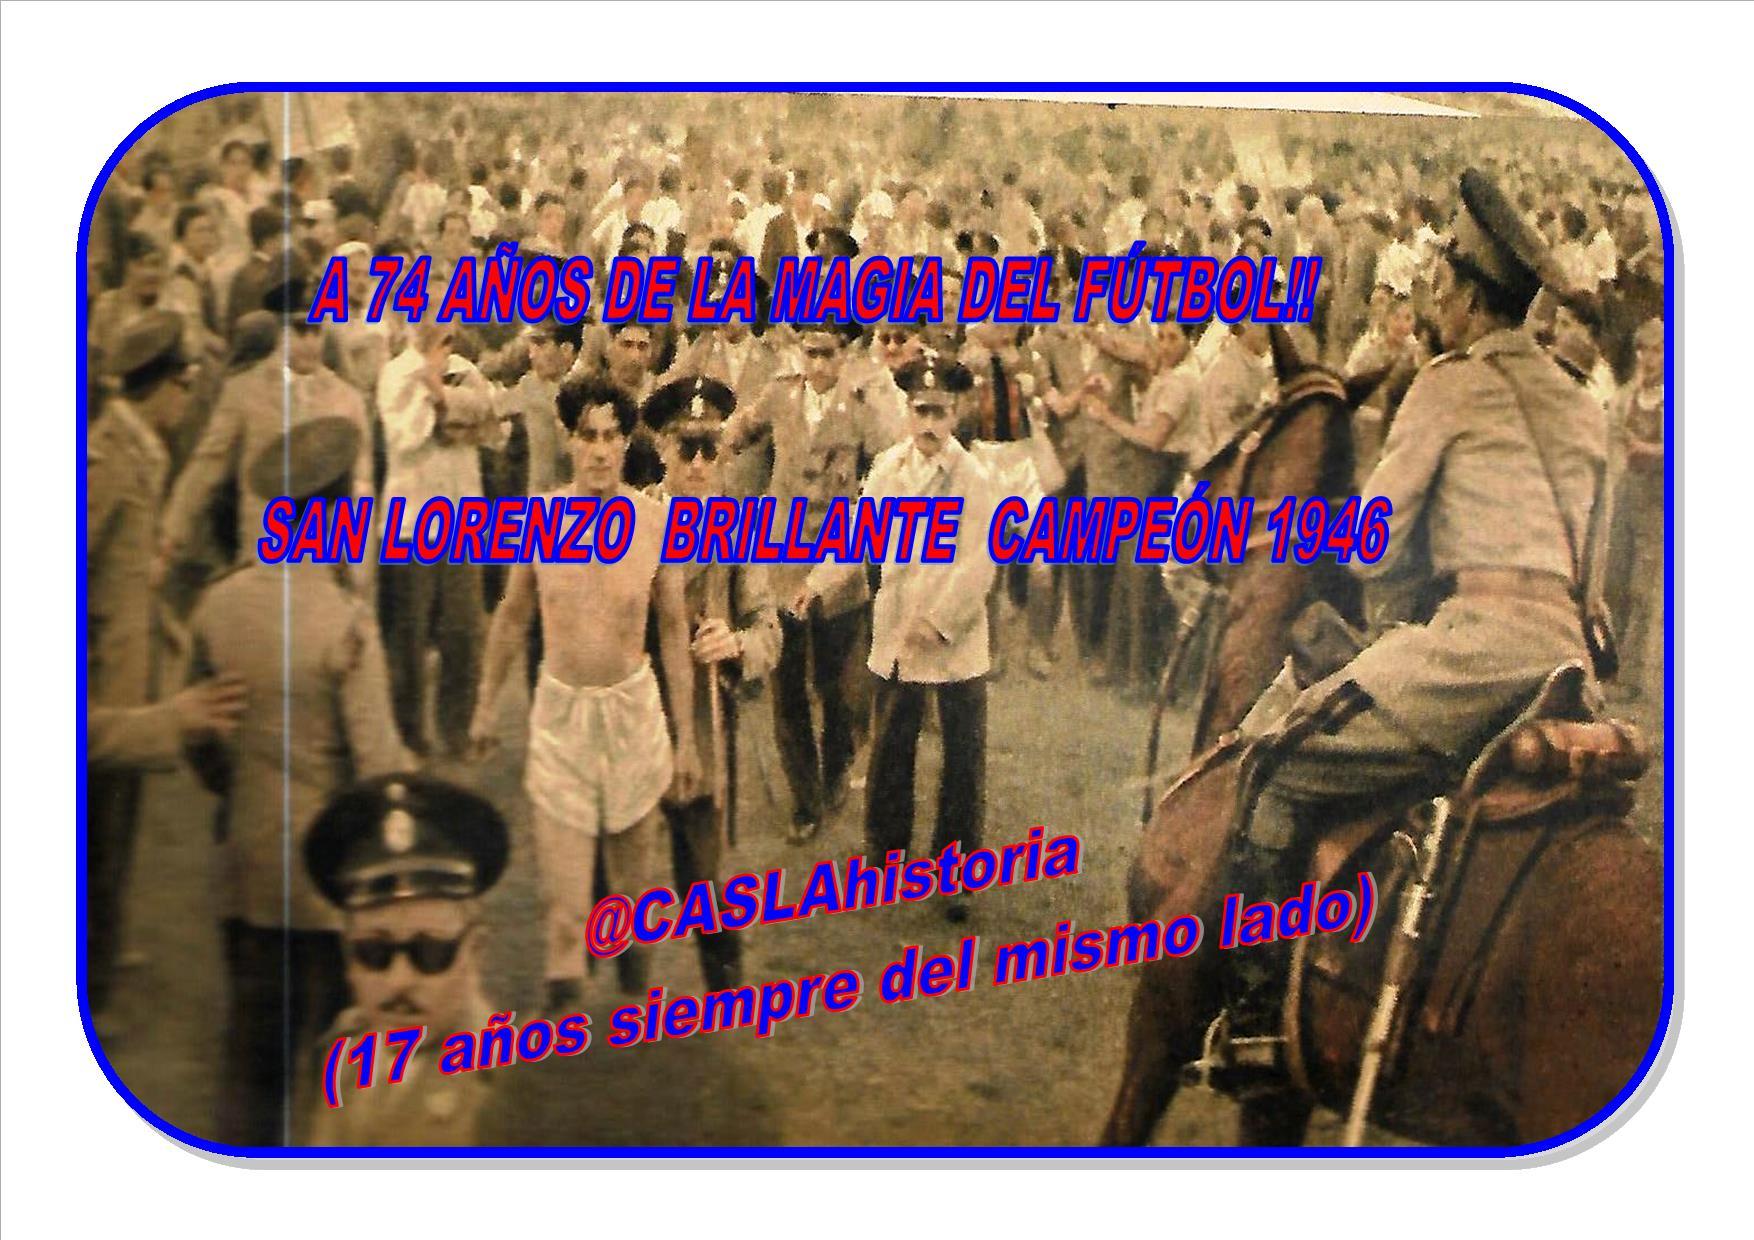 A 74 AÑOS DE LA MAGIA DEL FÚTBOL !!!! SAN LORENZO BRILLANTE CAMPEÓN 1946